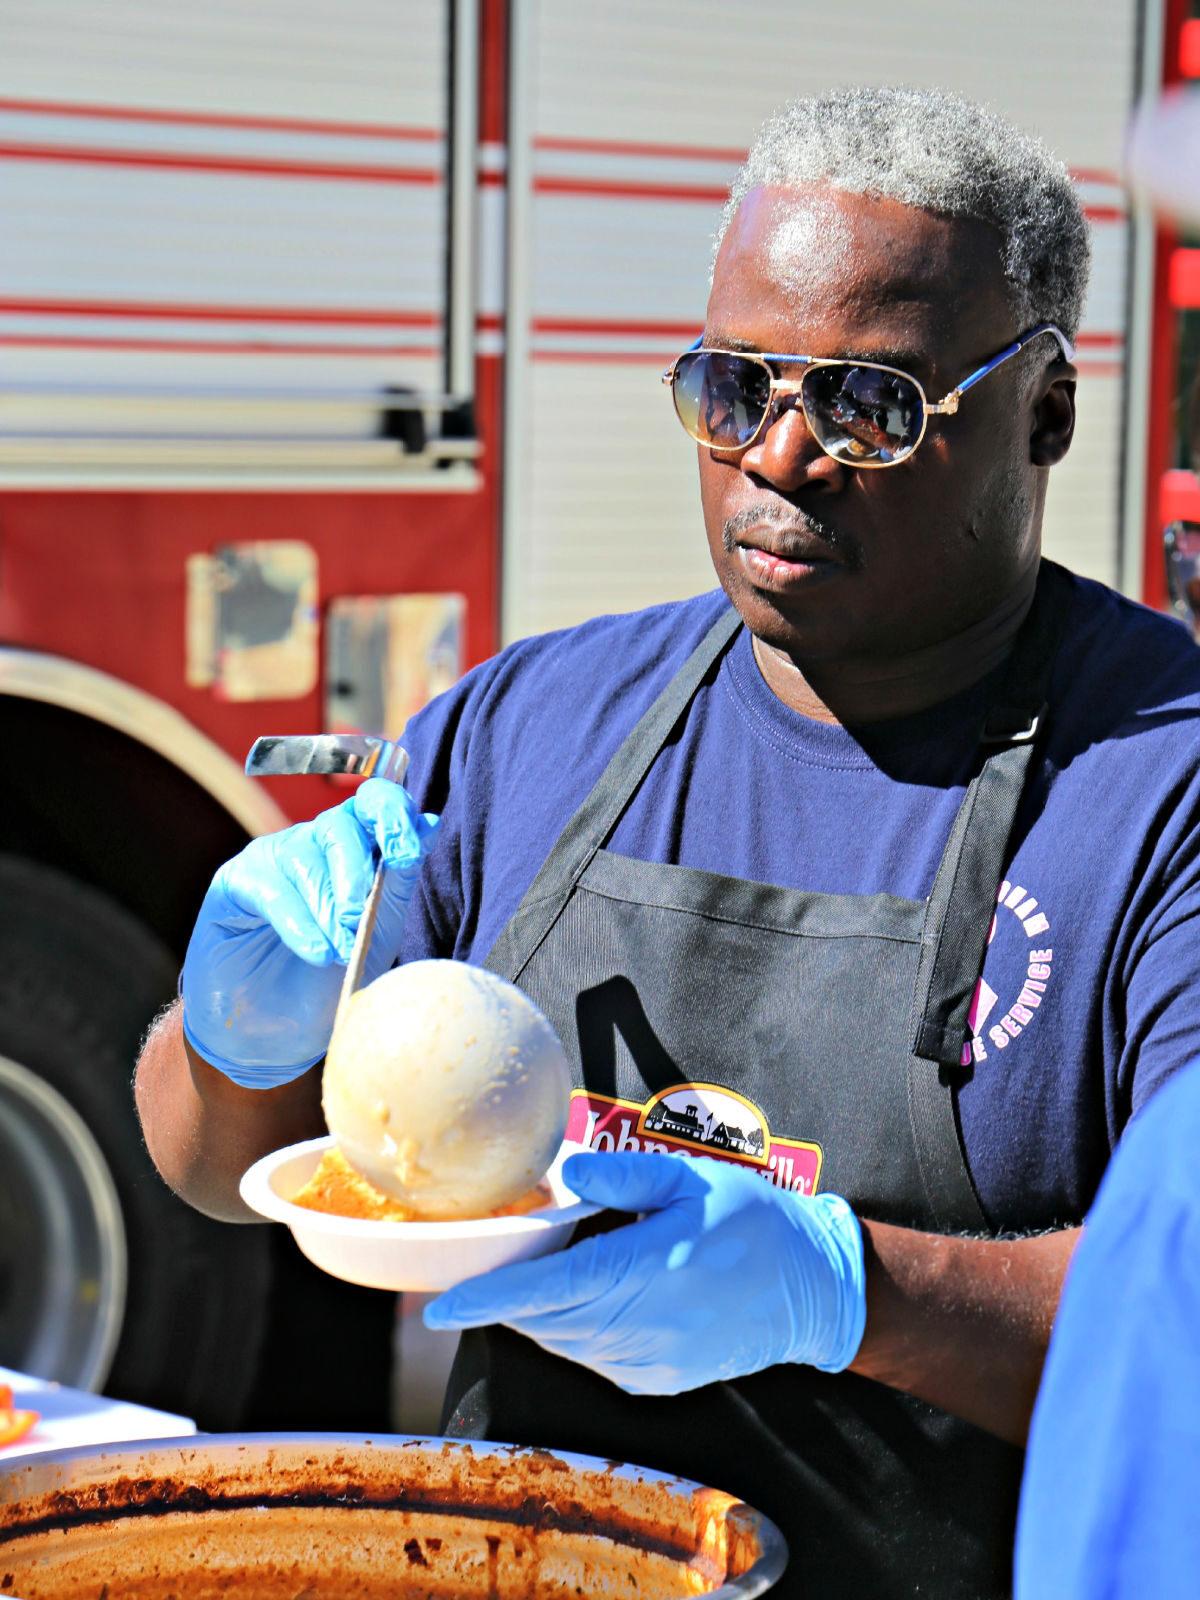 Fireman ladling chili into a bowl.